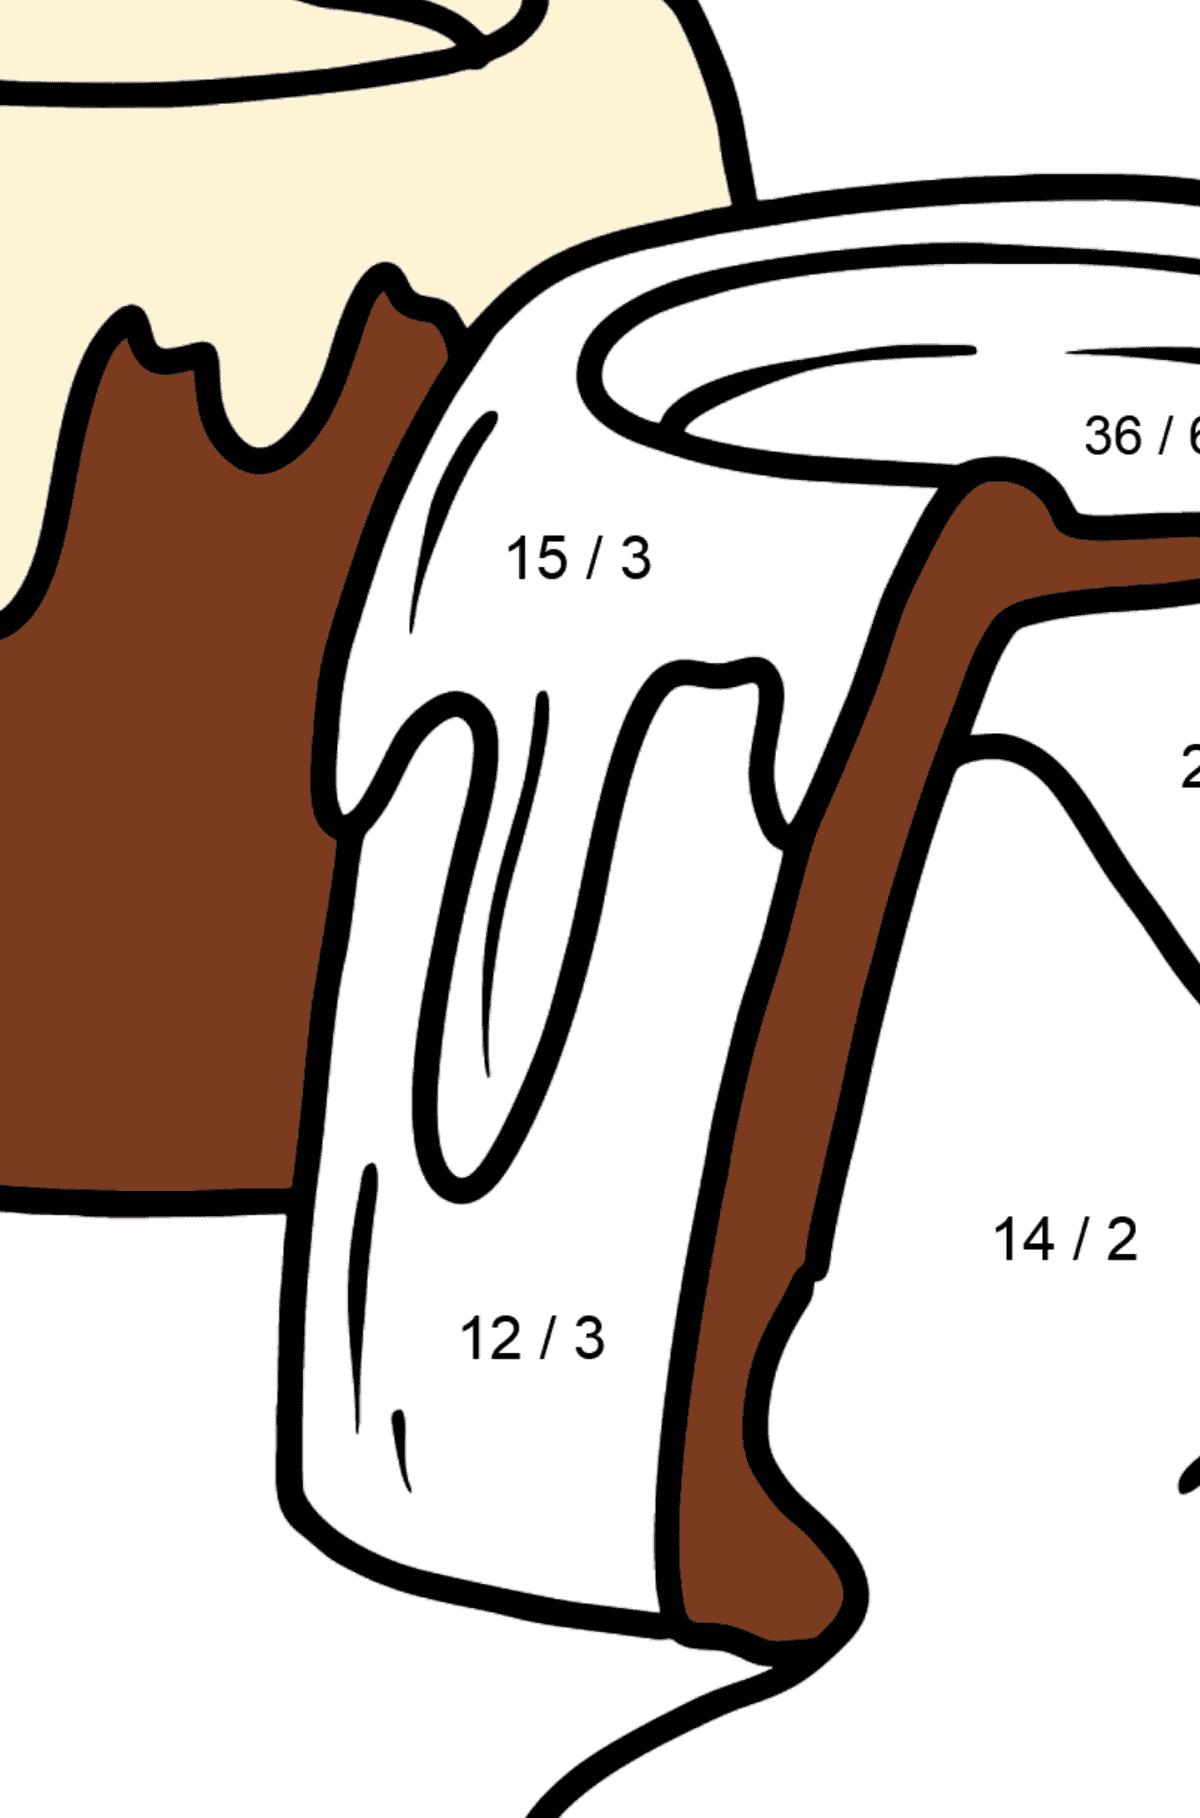 Раскраска конфеты - Математическая Раскраска - Деление для Детей